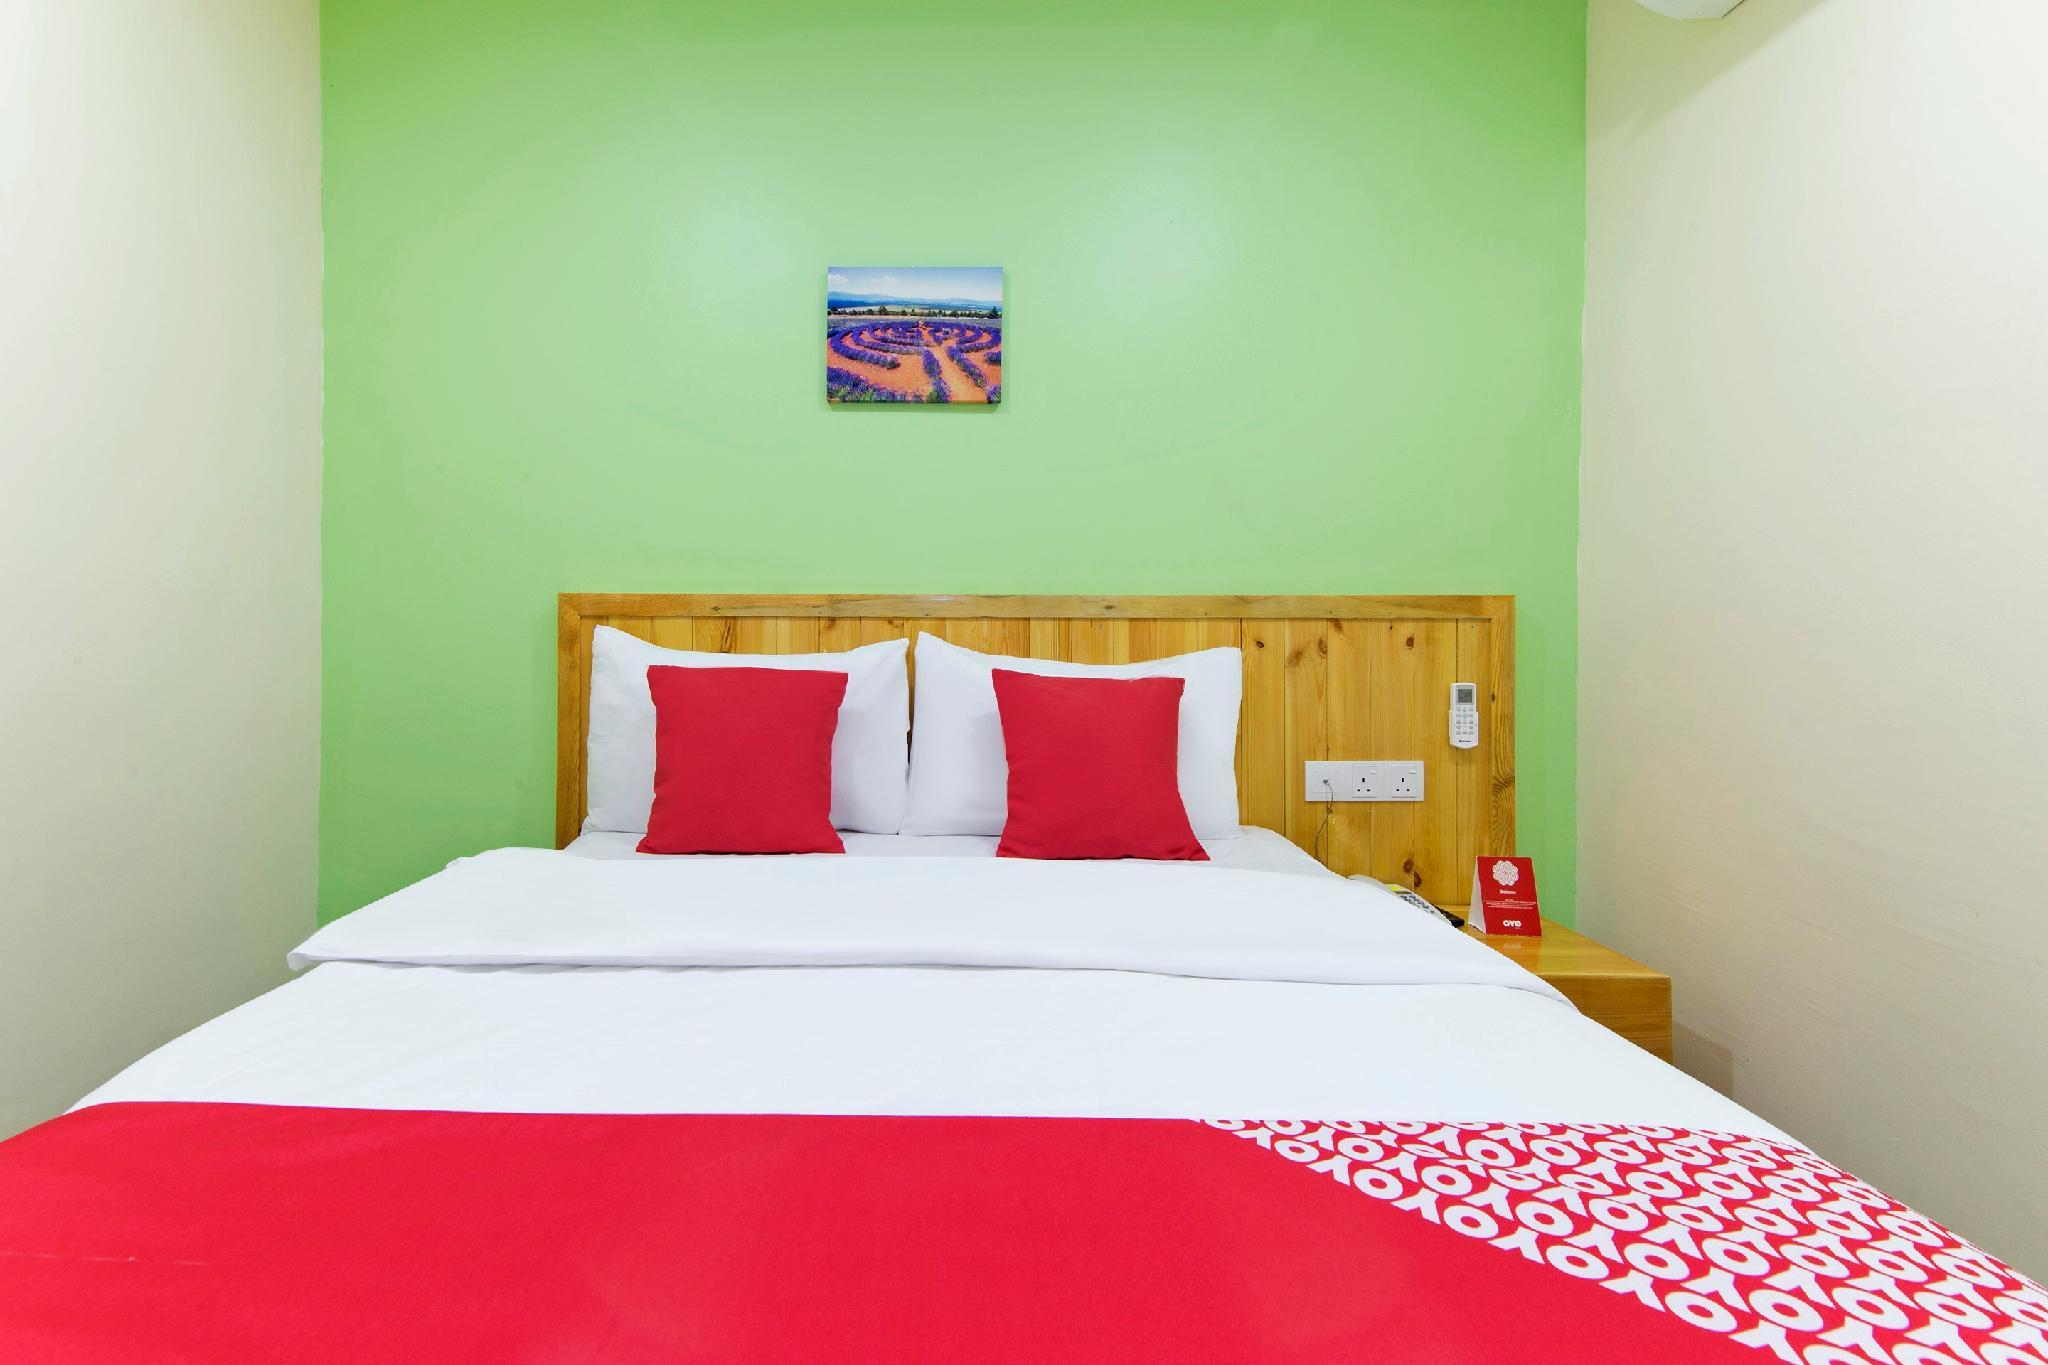 Hotel Penginapan Dekat Universiti Teknologi Mara